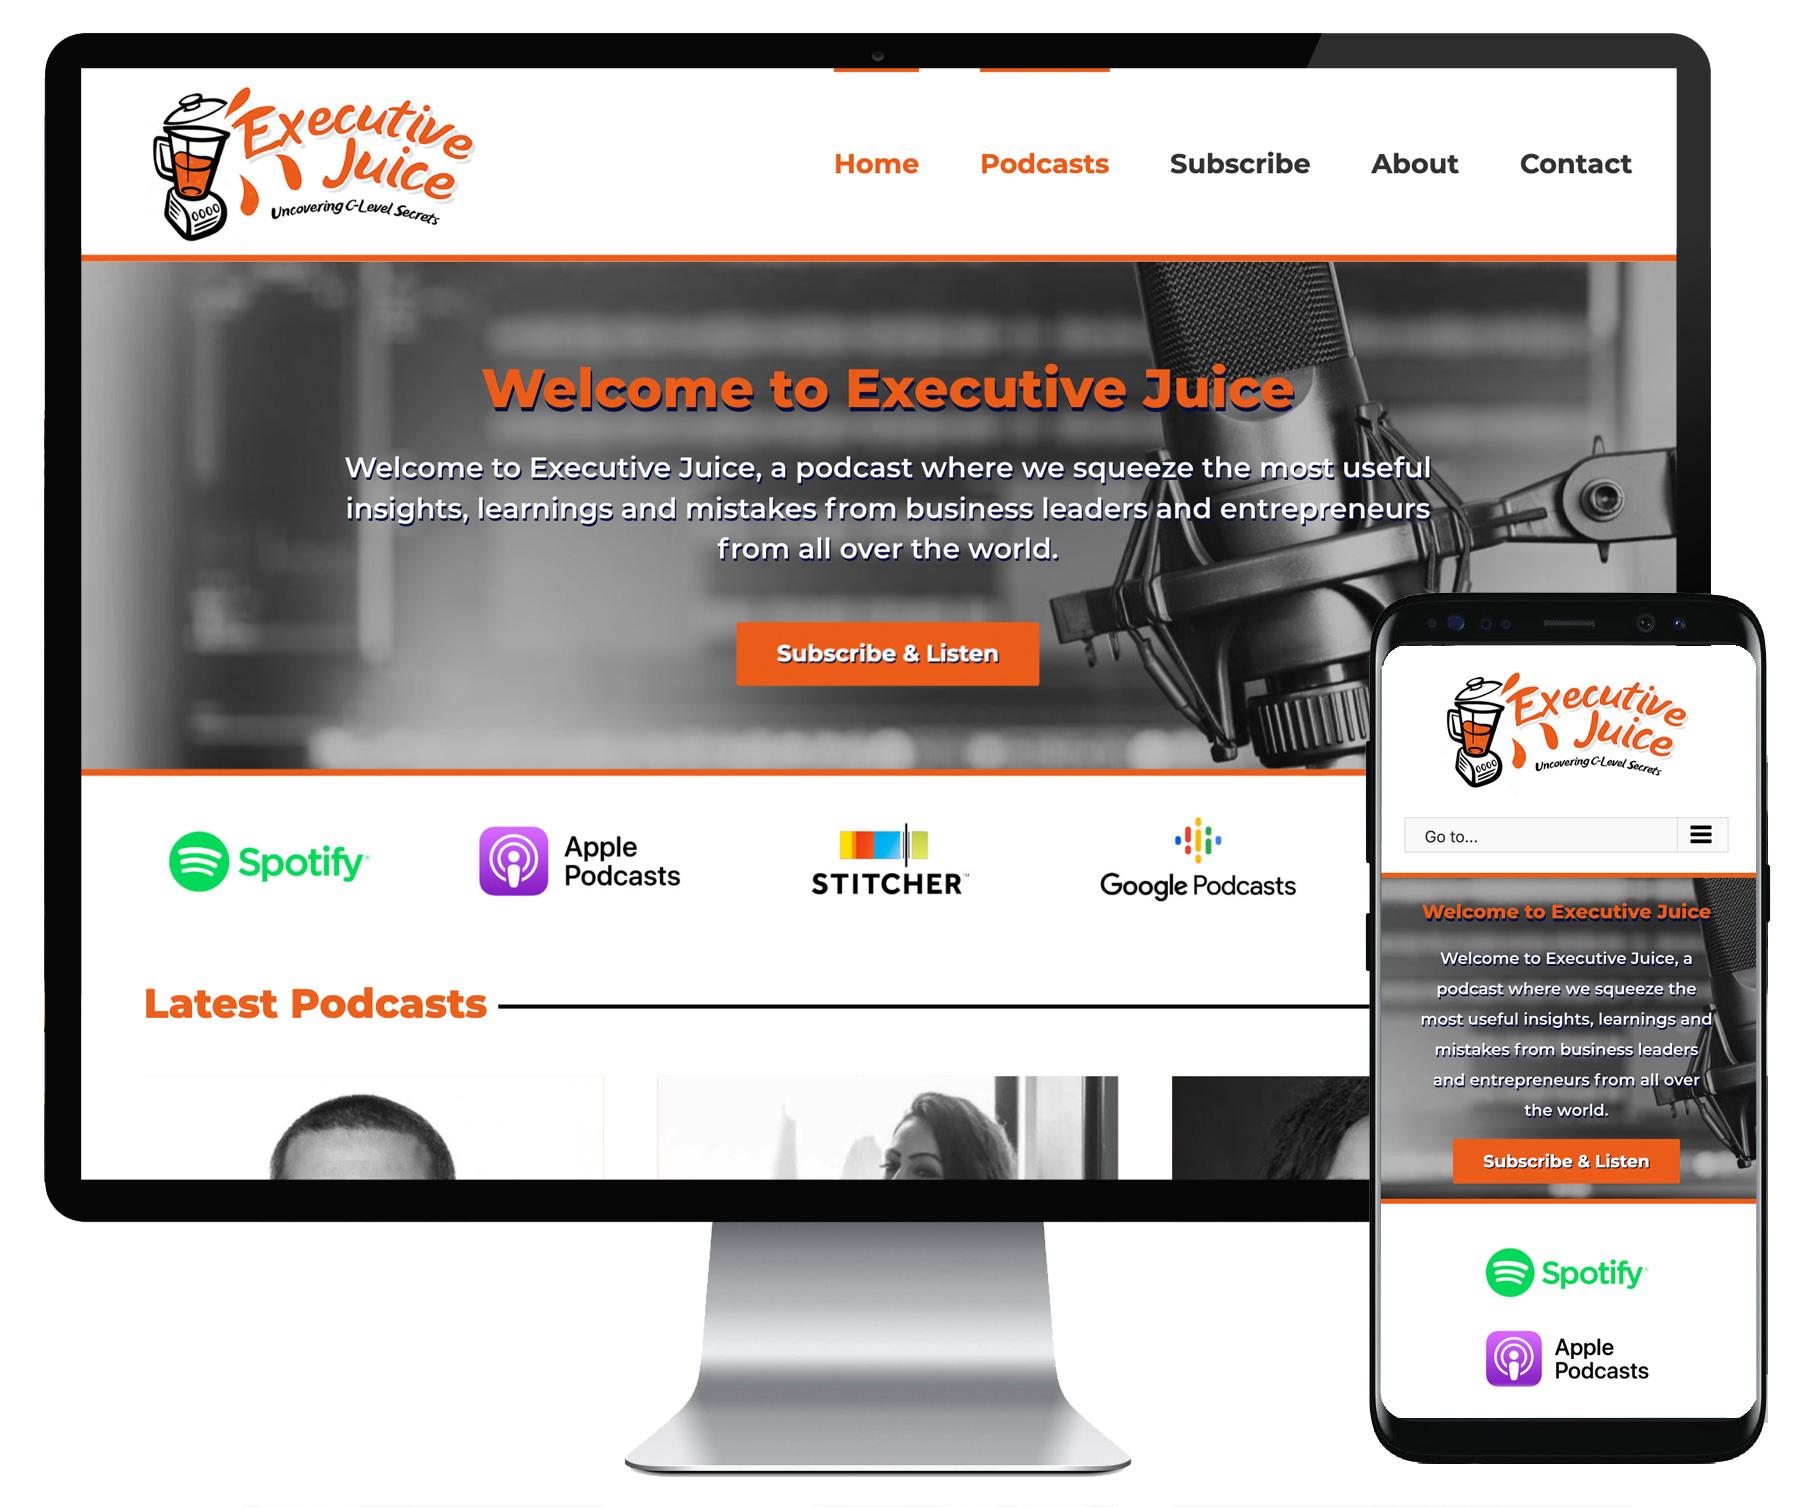 Executive Juice website